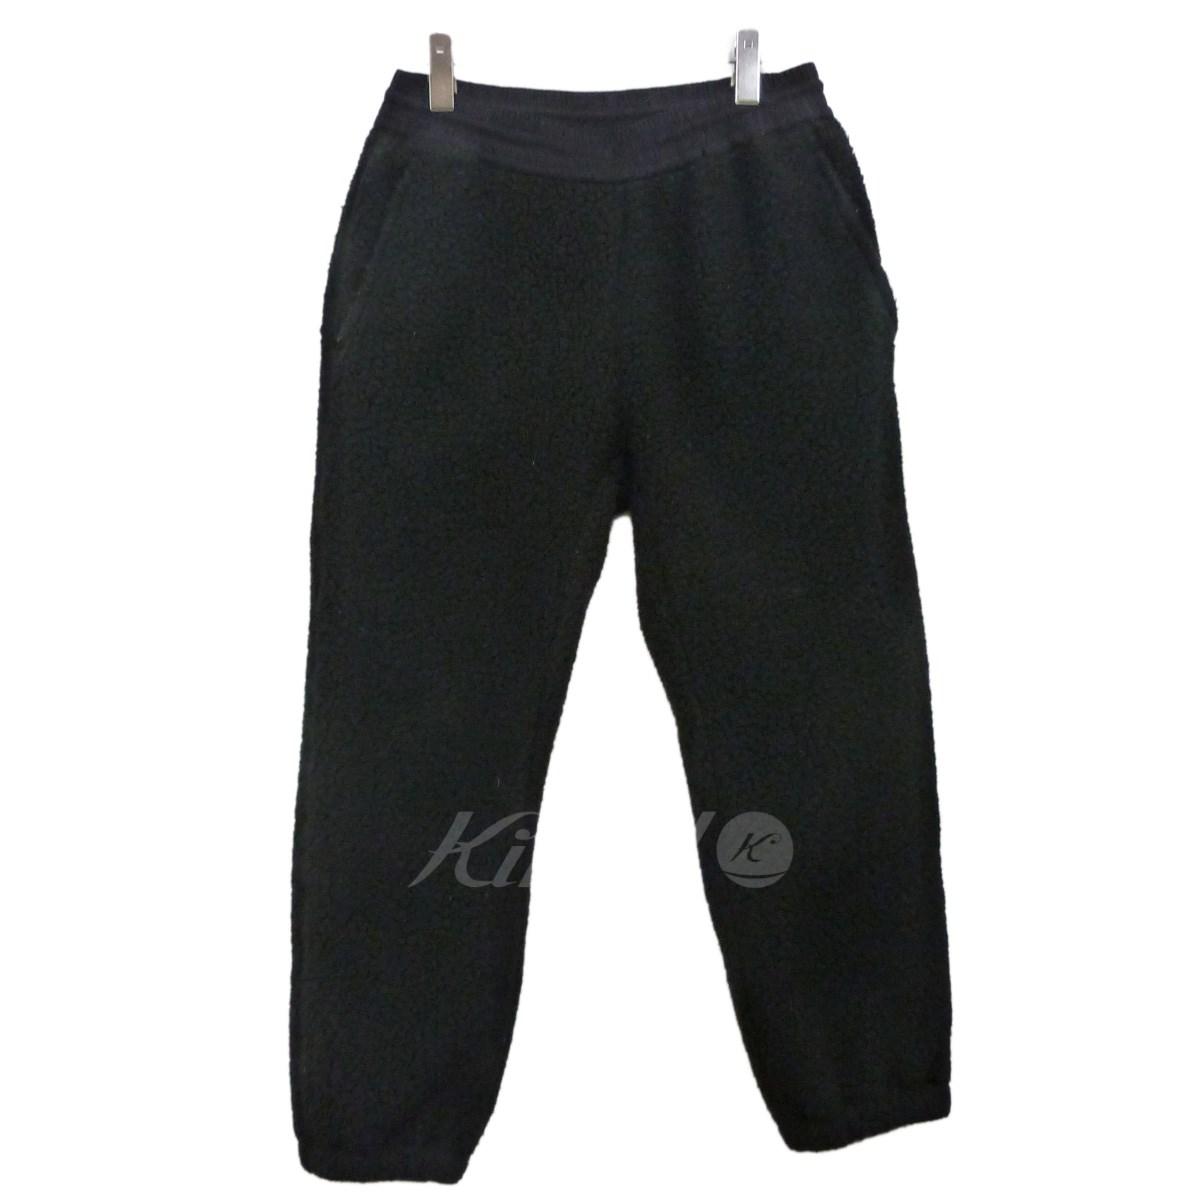 【中古】SUPREME 17AW「Polartec Deep Pile Pant」フリースパンツ ブラック サイズ:S 【送料無料】 【201018】(シュプリーム)